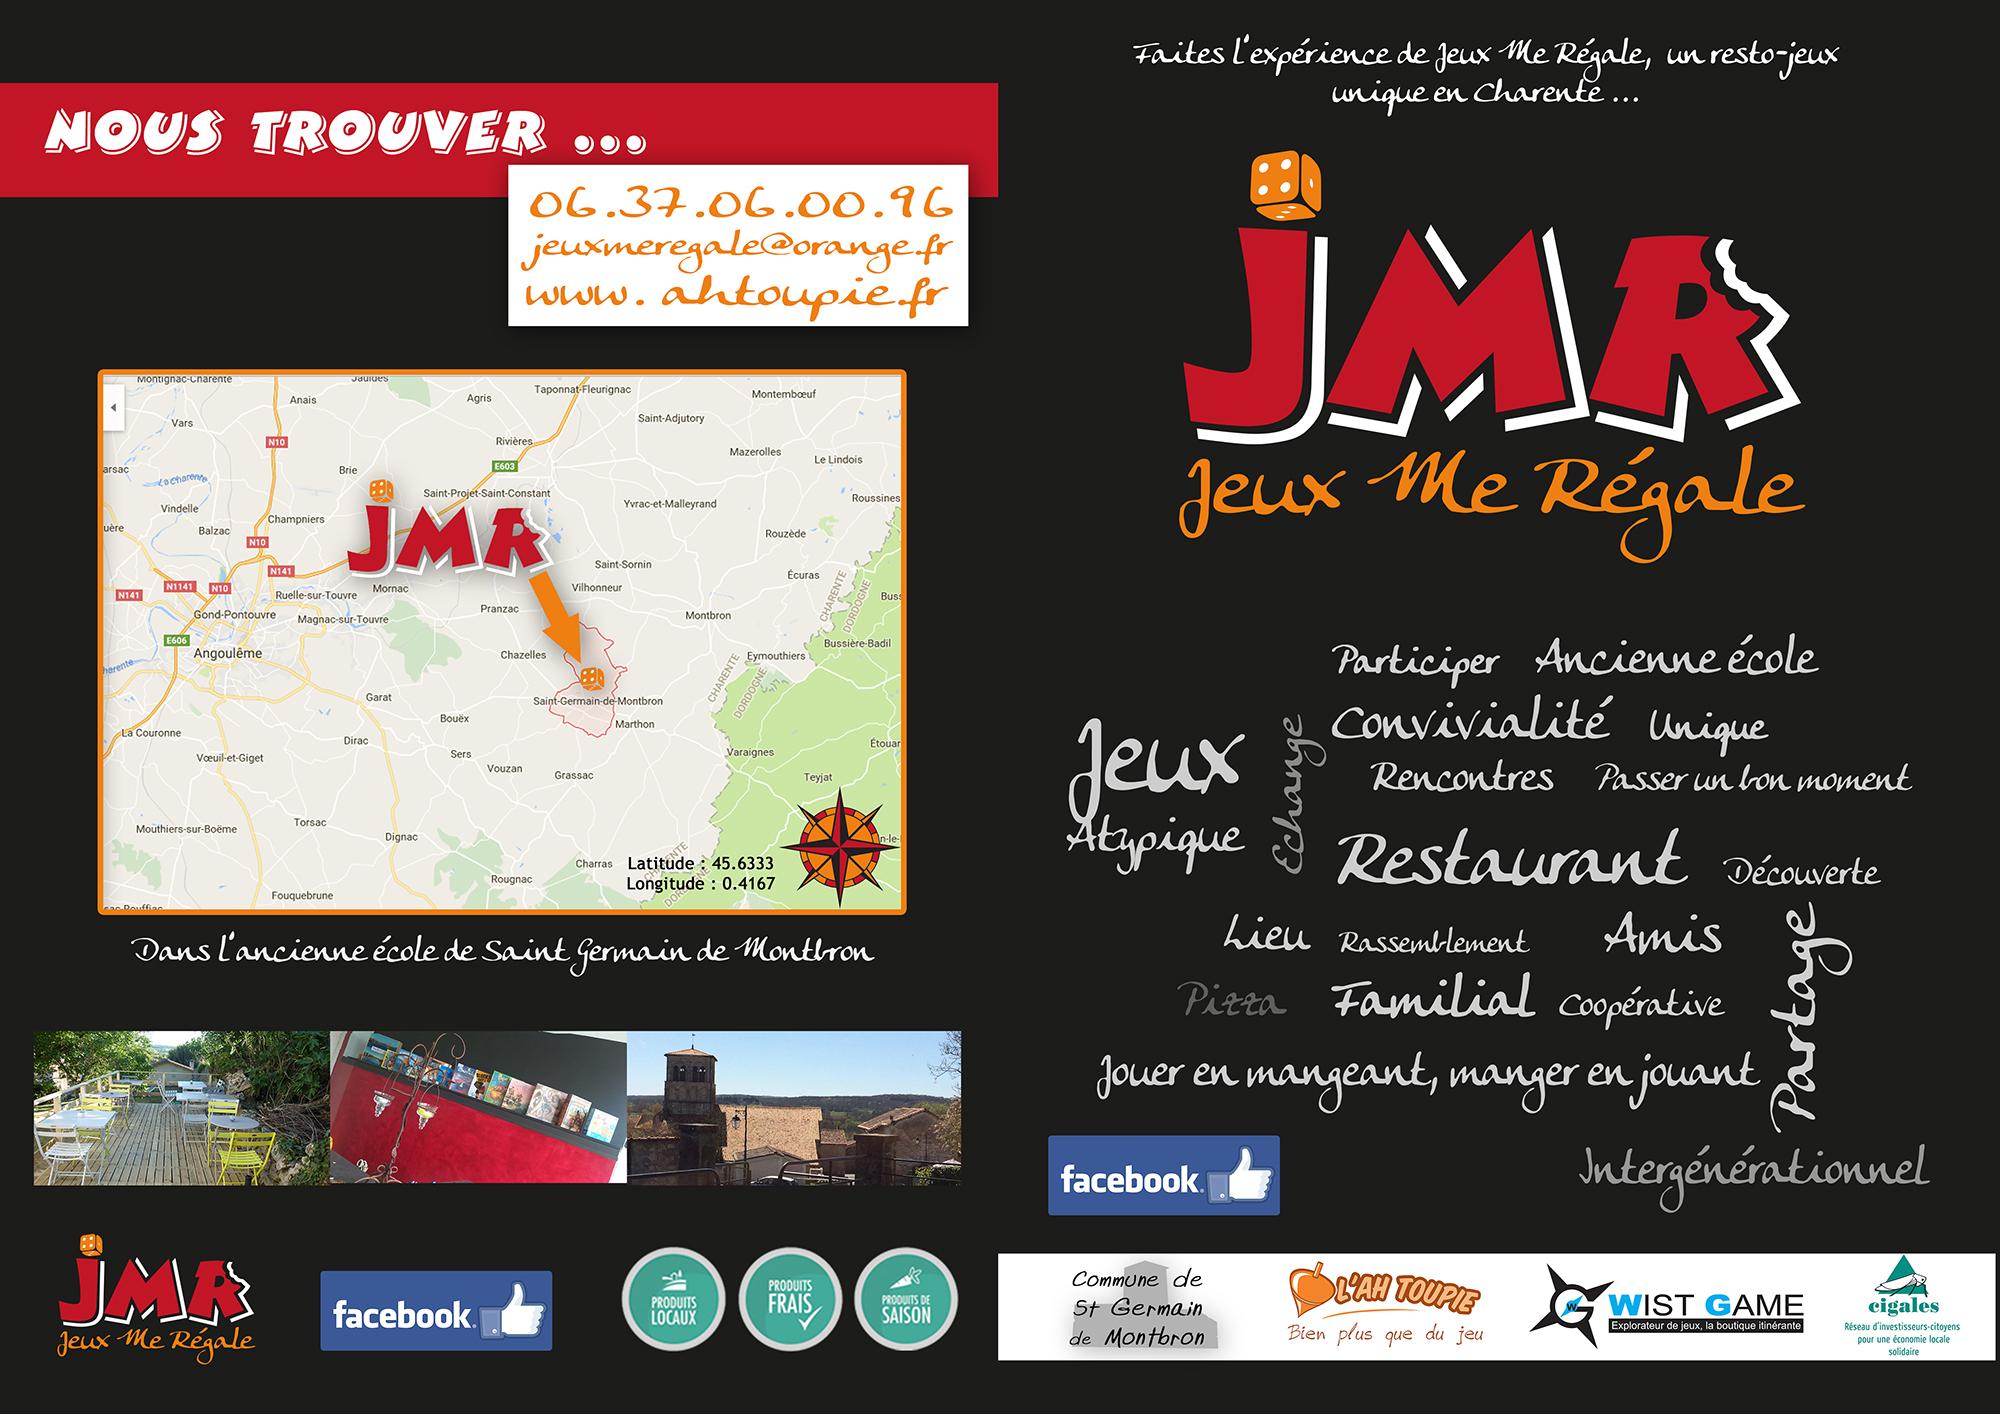 Plaquette Jeux me régale JMR présentant leurs activités